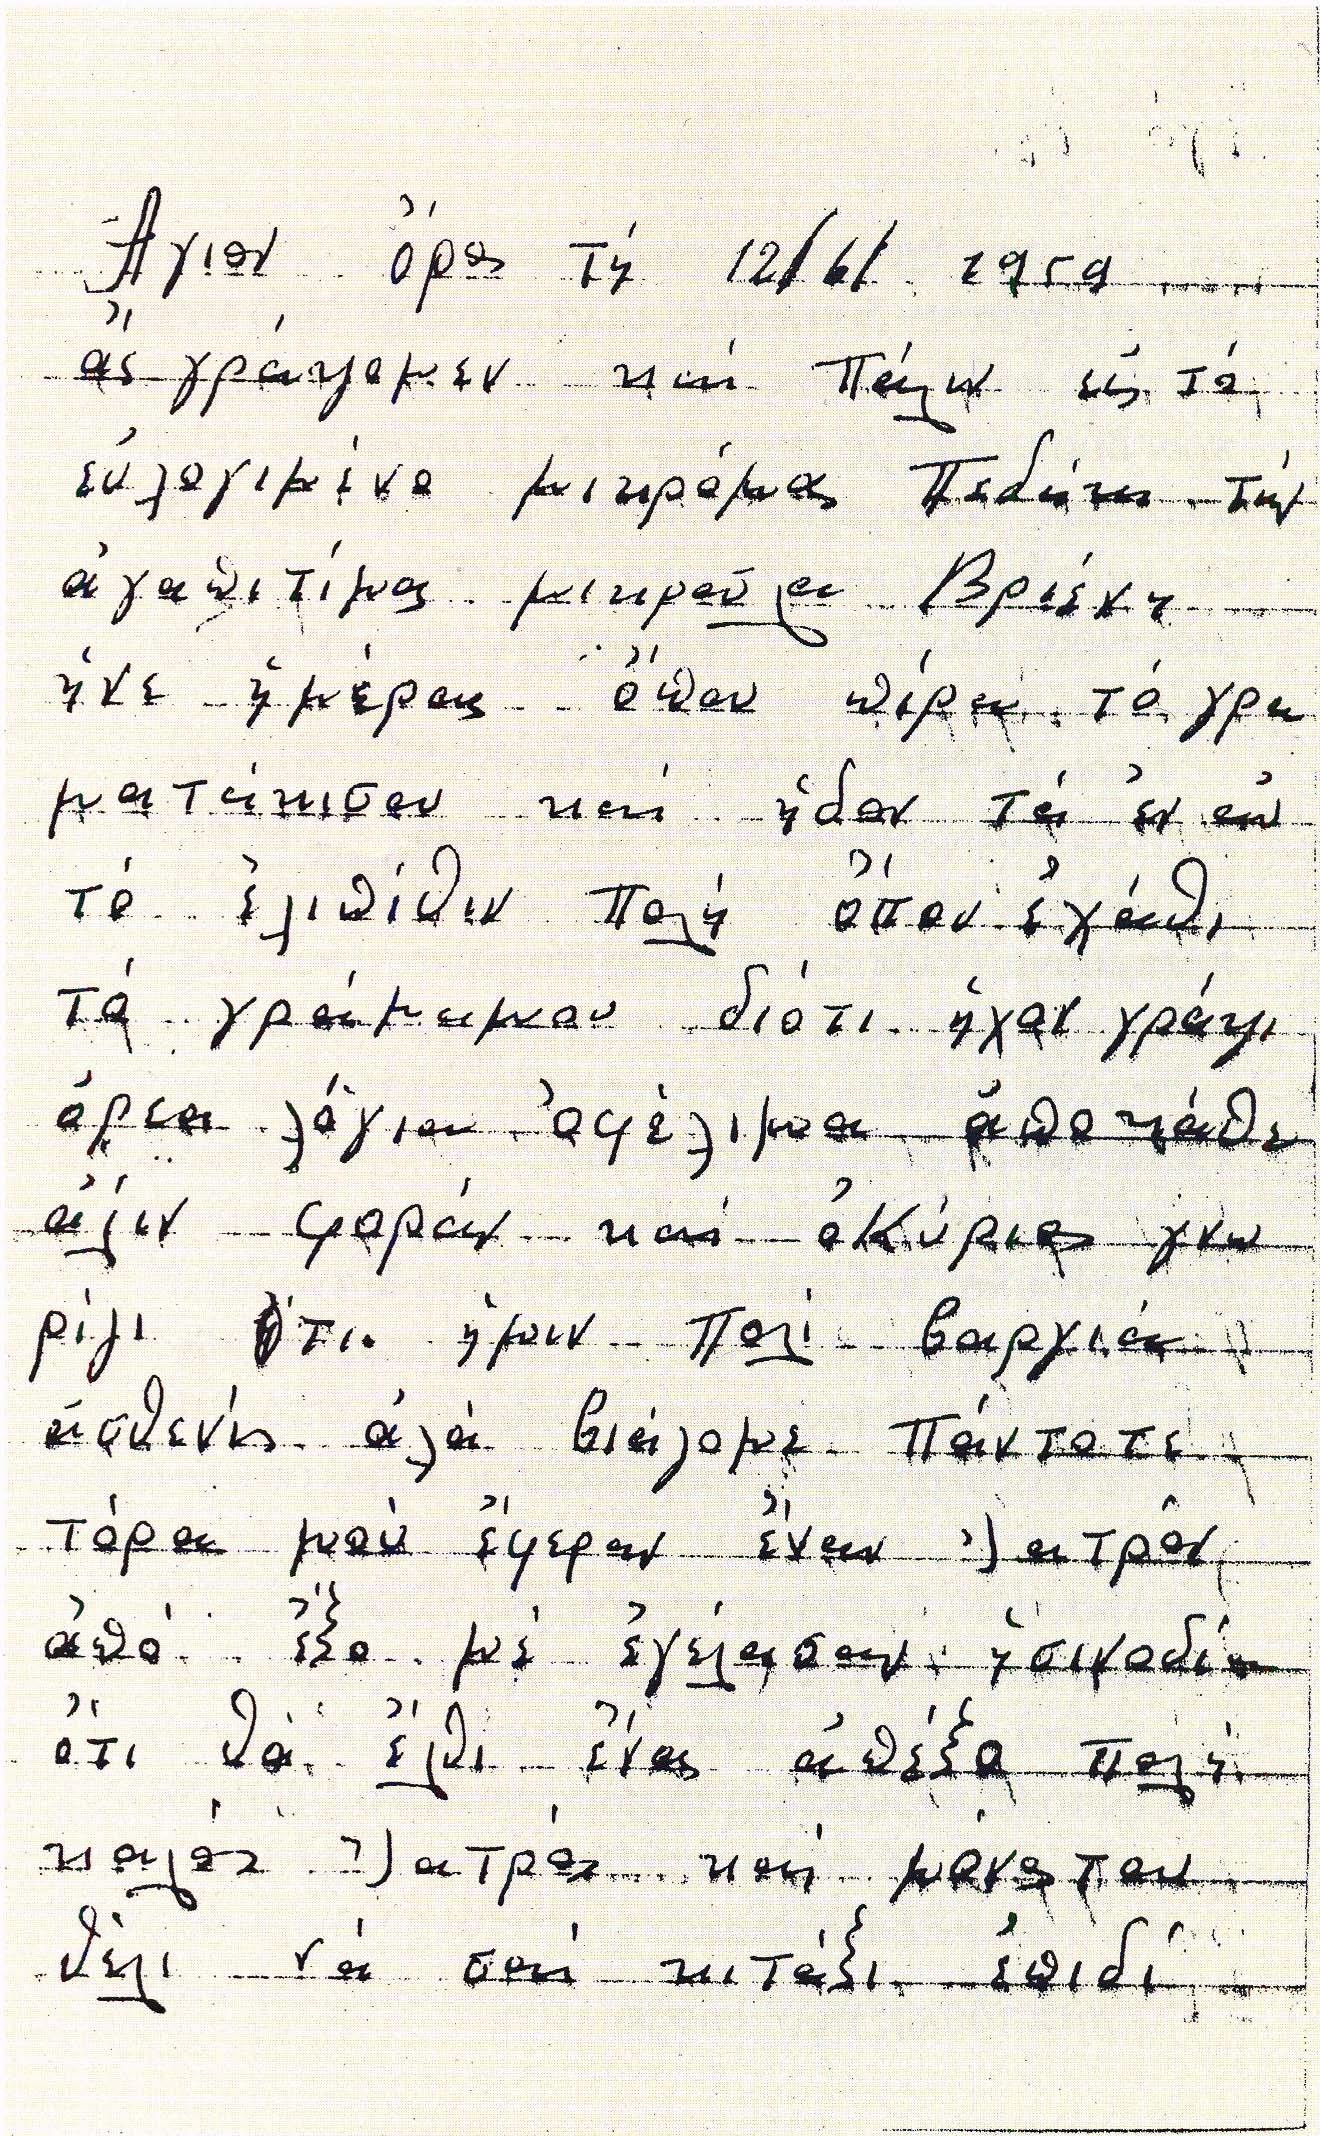 Γράμμα του Γέροντα Ιωσήφ του Ησυχαστή